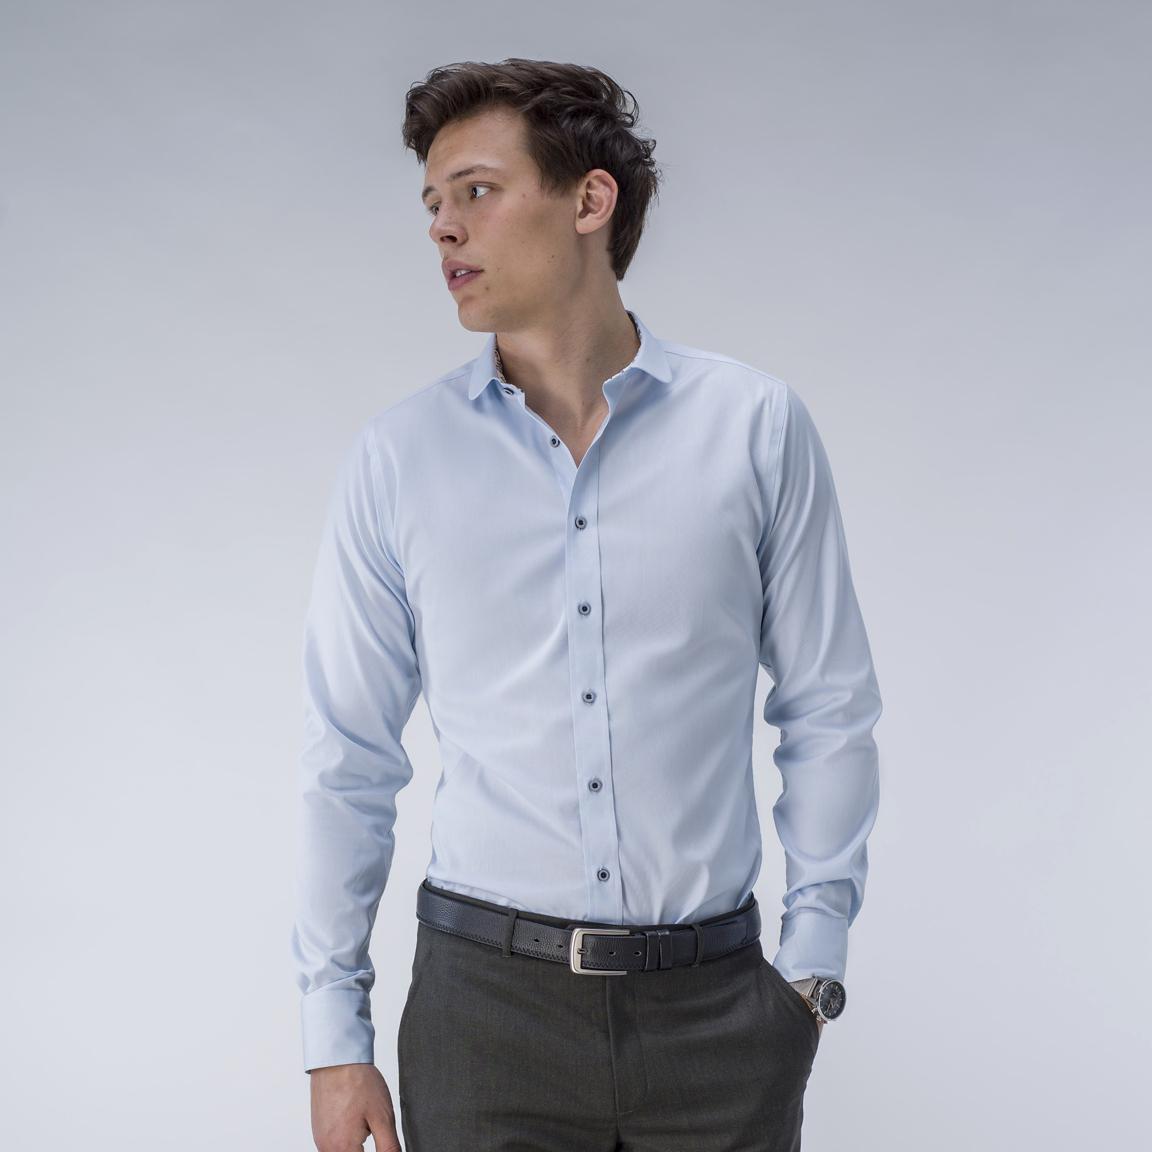 Ljusblå oxfordskjorta med blå knappar